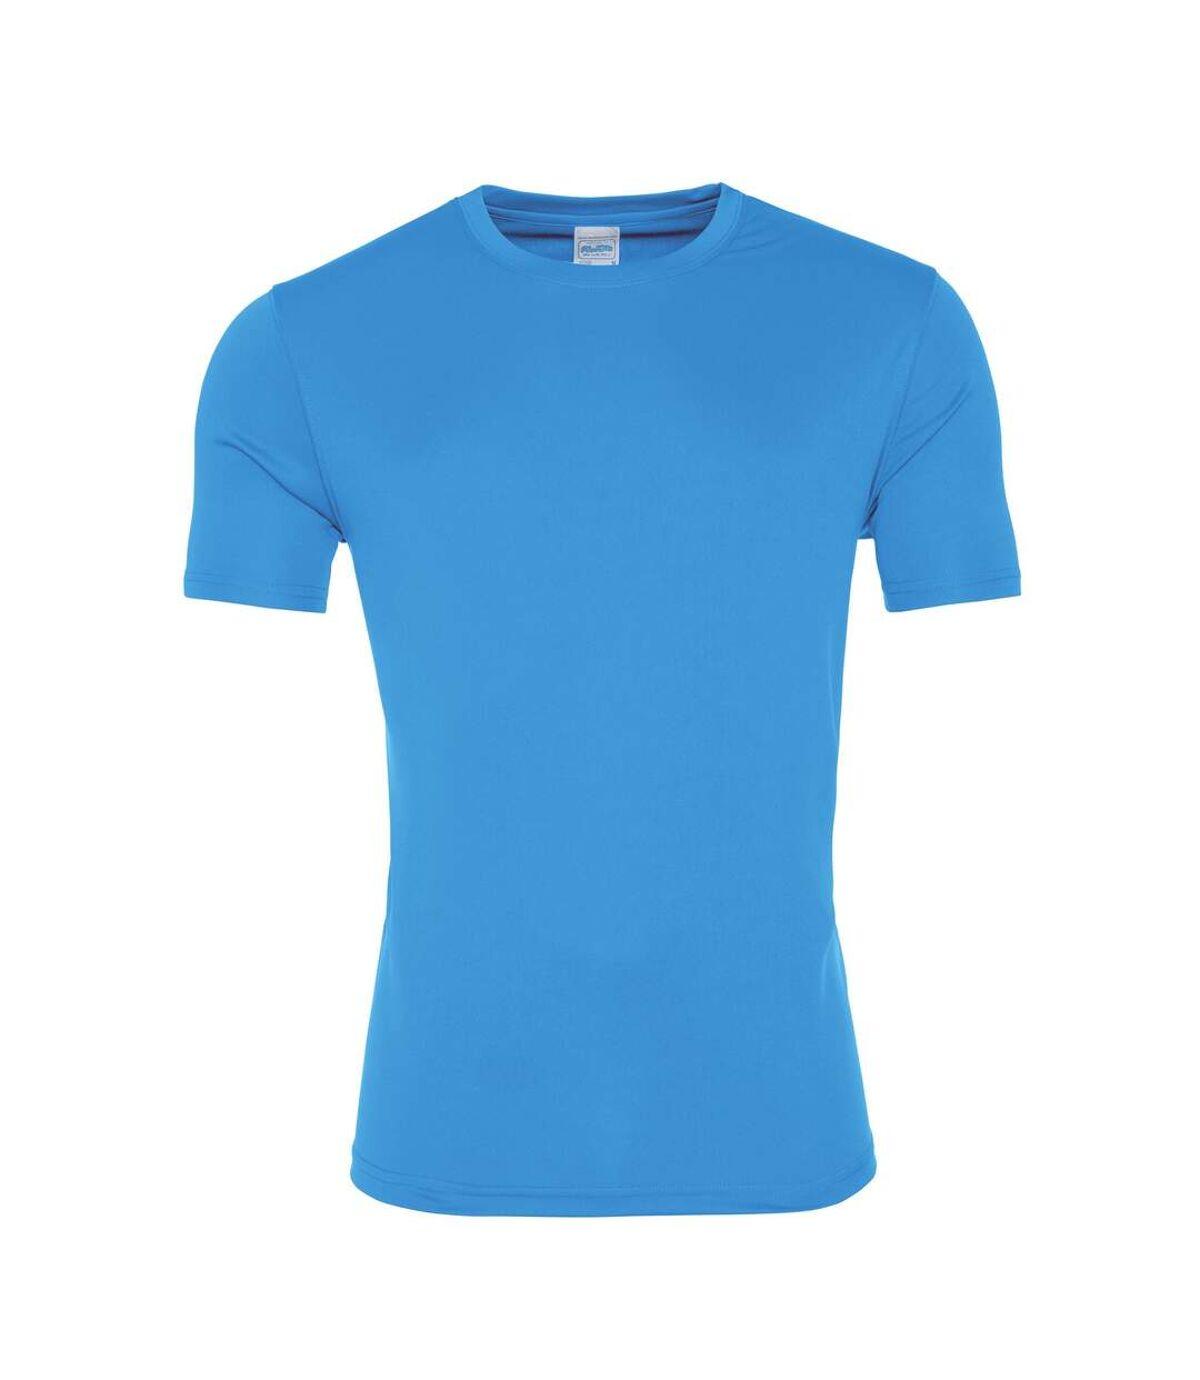 AWDis Just Cool - T-shirt sport - Homme (Bleu saphir) - UTRW5357